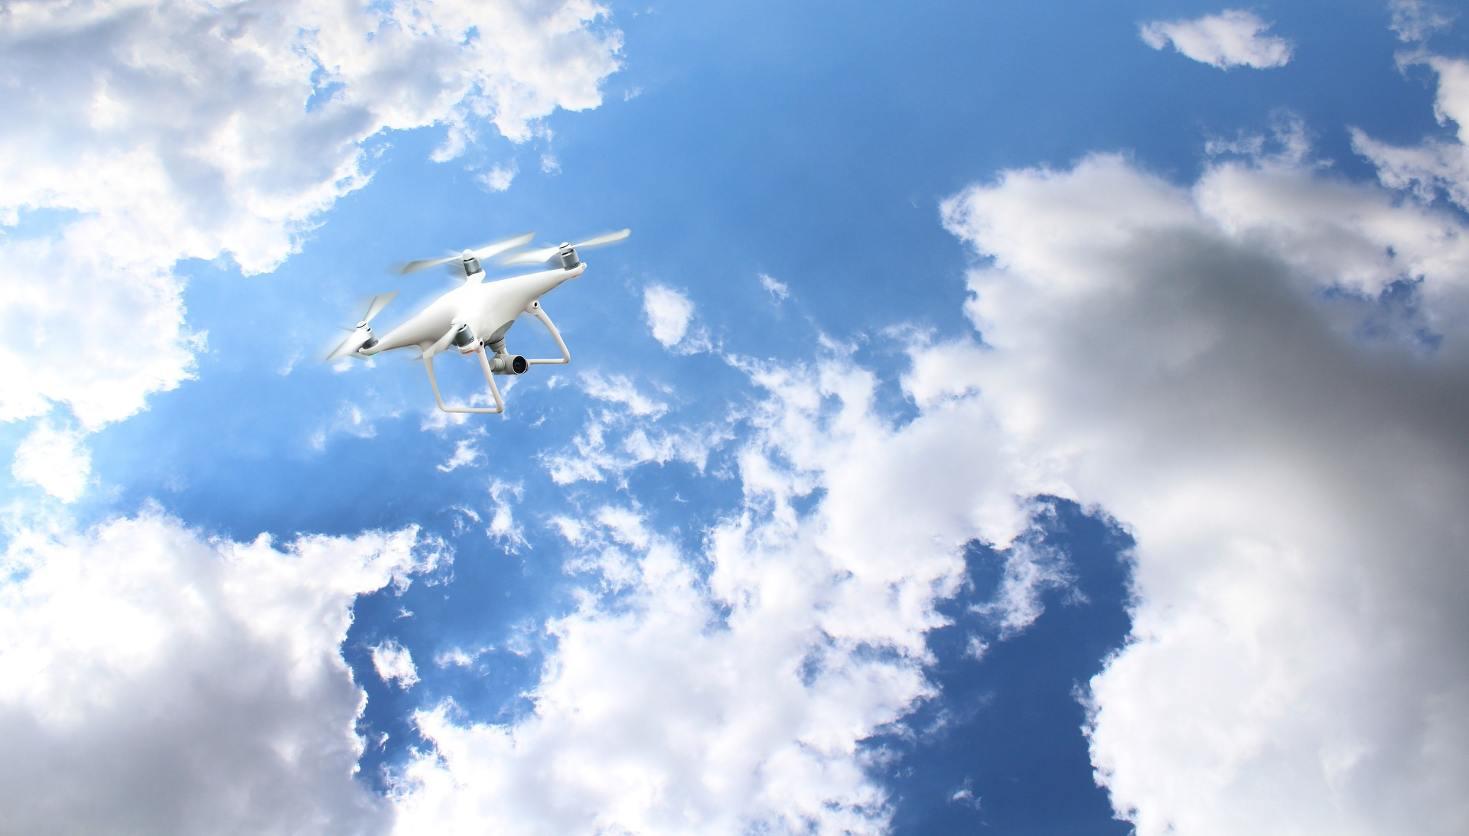 Les Etats-Unis souhaitent se doter d'un canon anti-drones